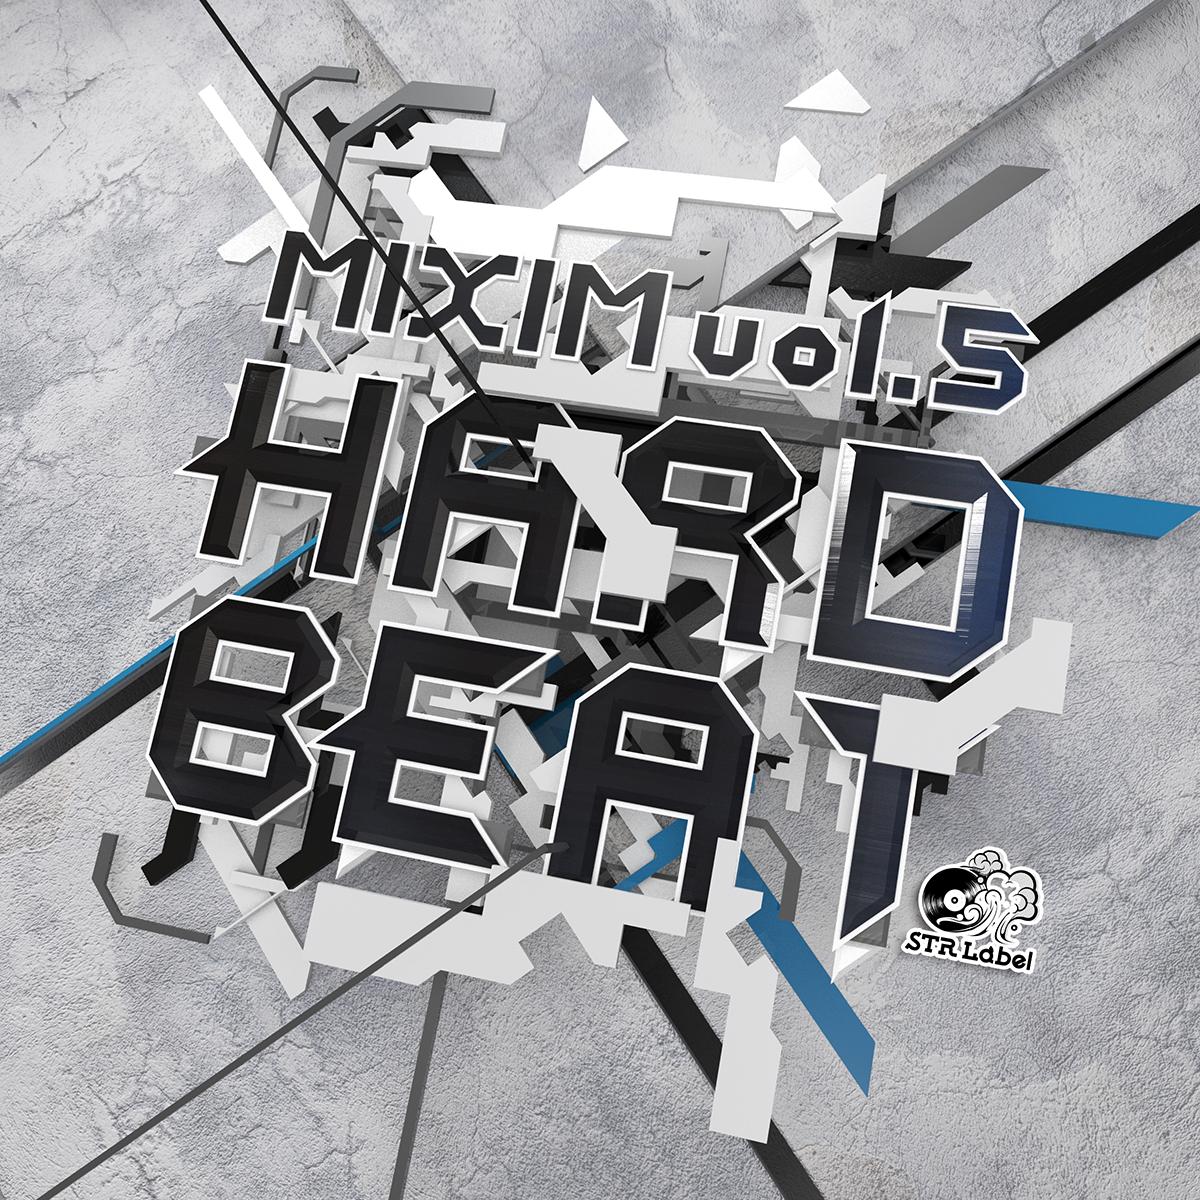 MIXIM vol.05 HARD BEAT